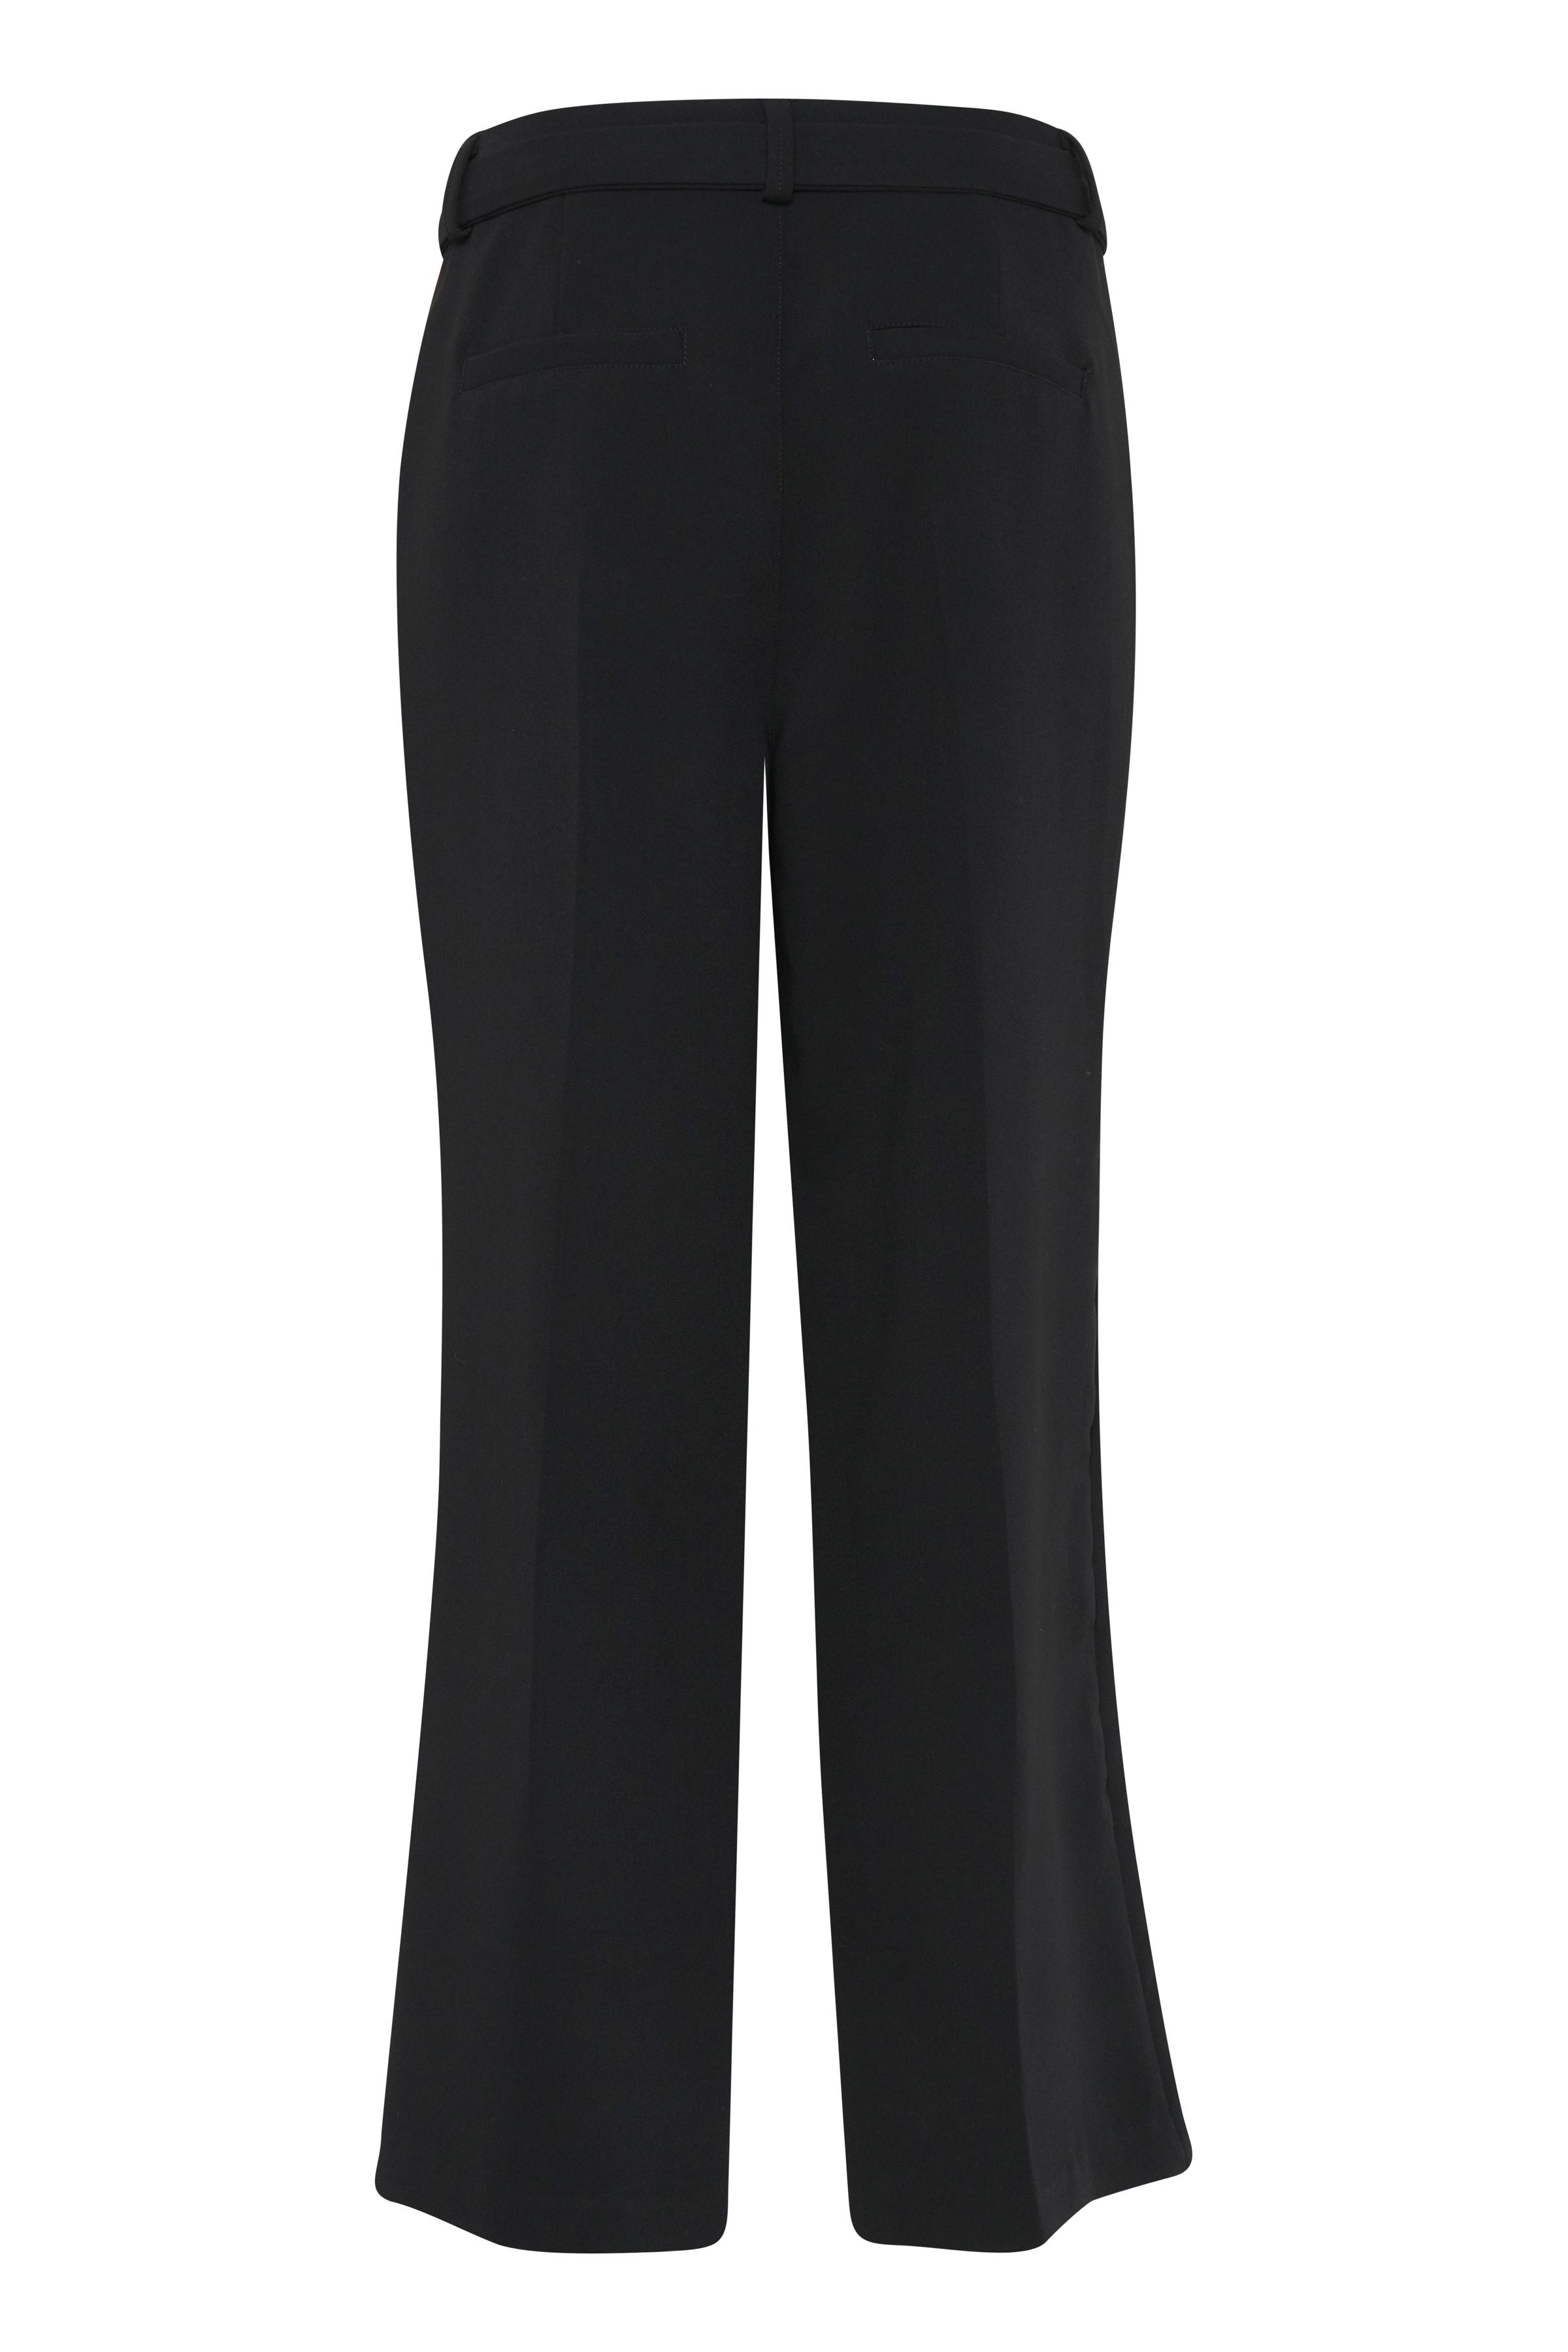 Sort Casual bukser fra Dranella – Køb Sort Casual bukser fra str. 32-46 her